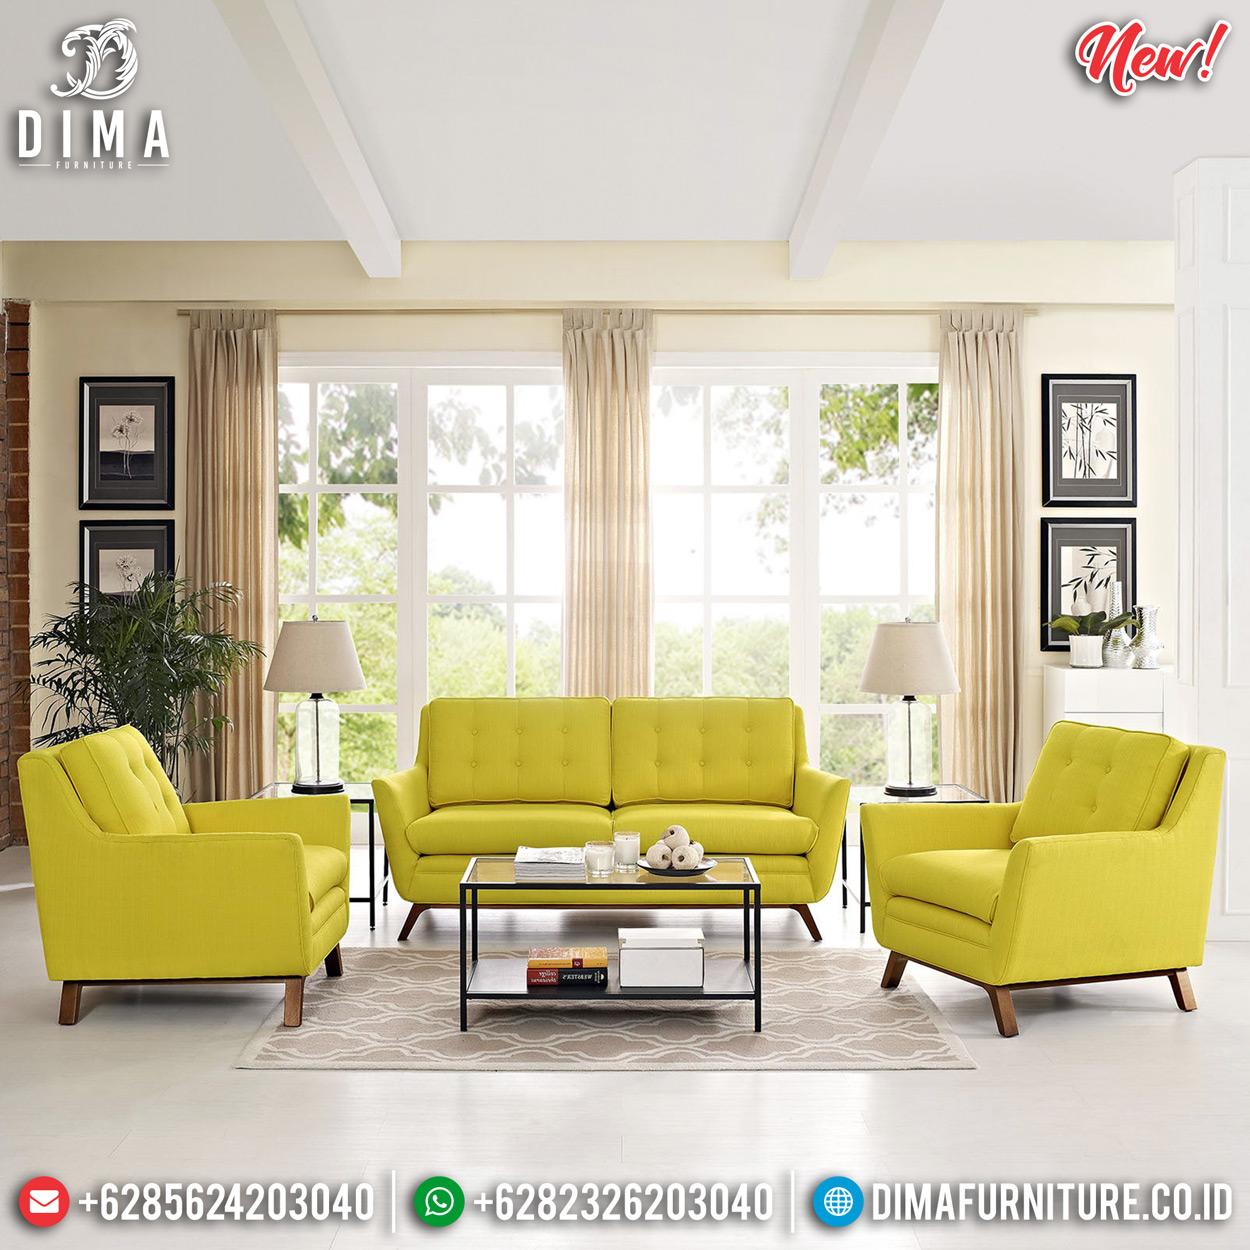 Sale Sofa Ruang Tamu Minimalis Jepara Model Terbaru Natural Jati DF-1296